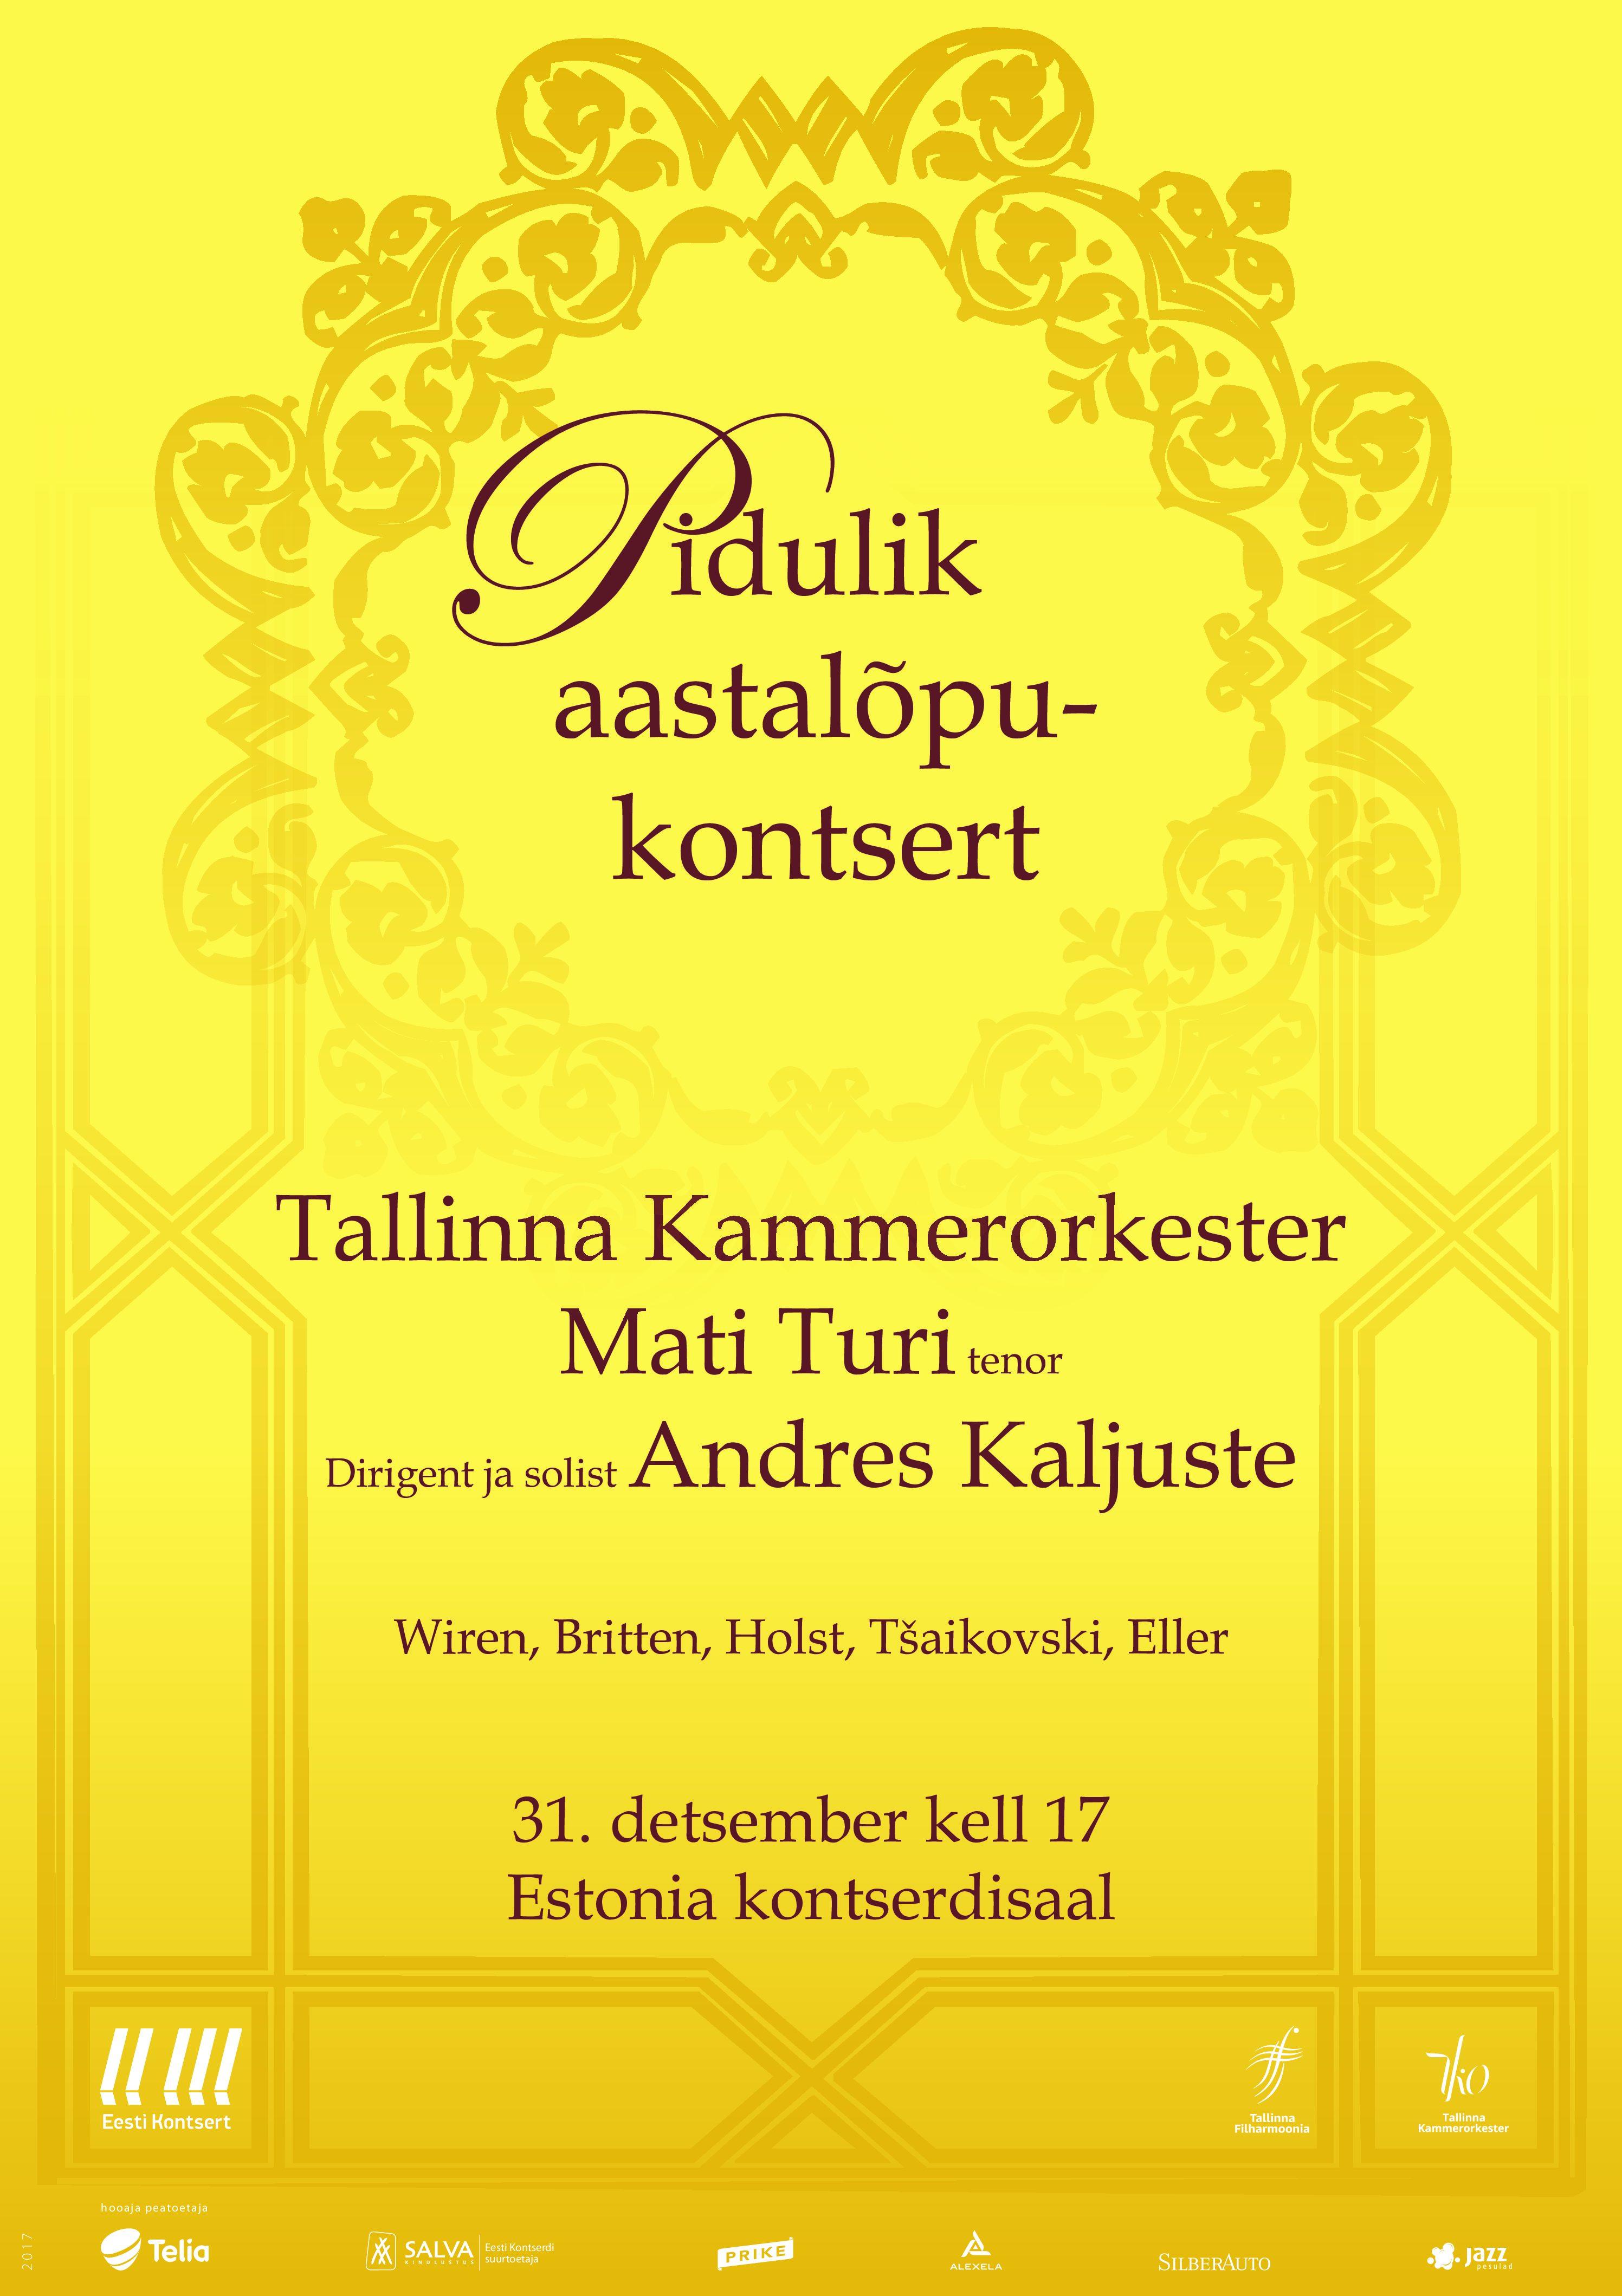 Eesti Kontserdi ja Hennessy aastalõpukontsert Tallinnas